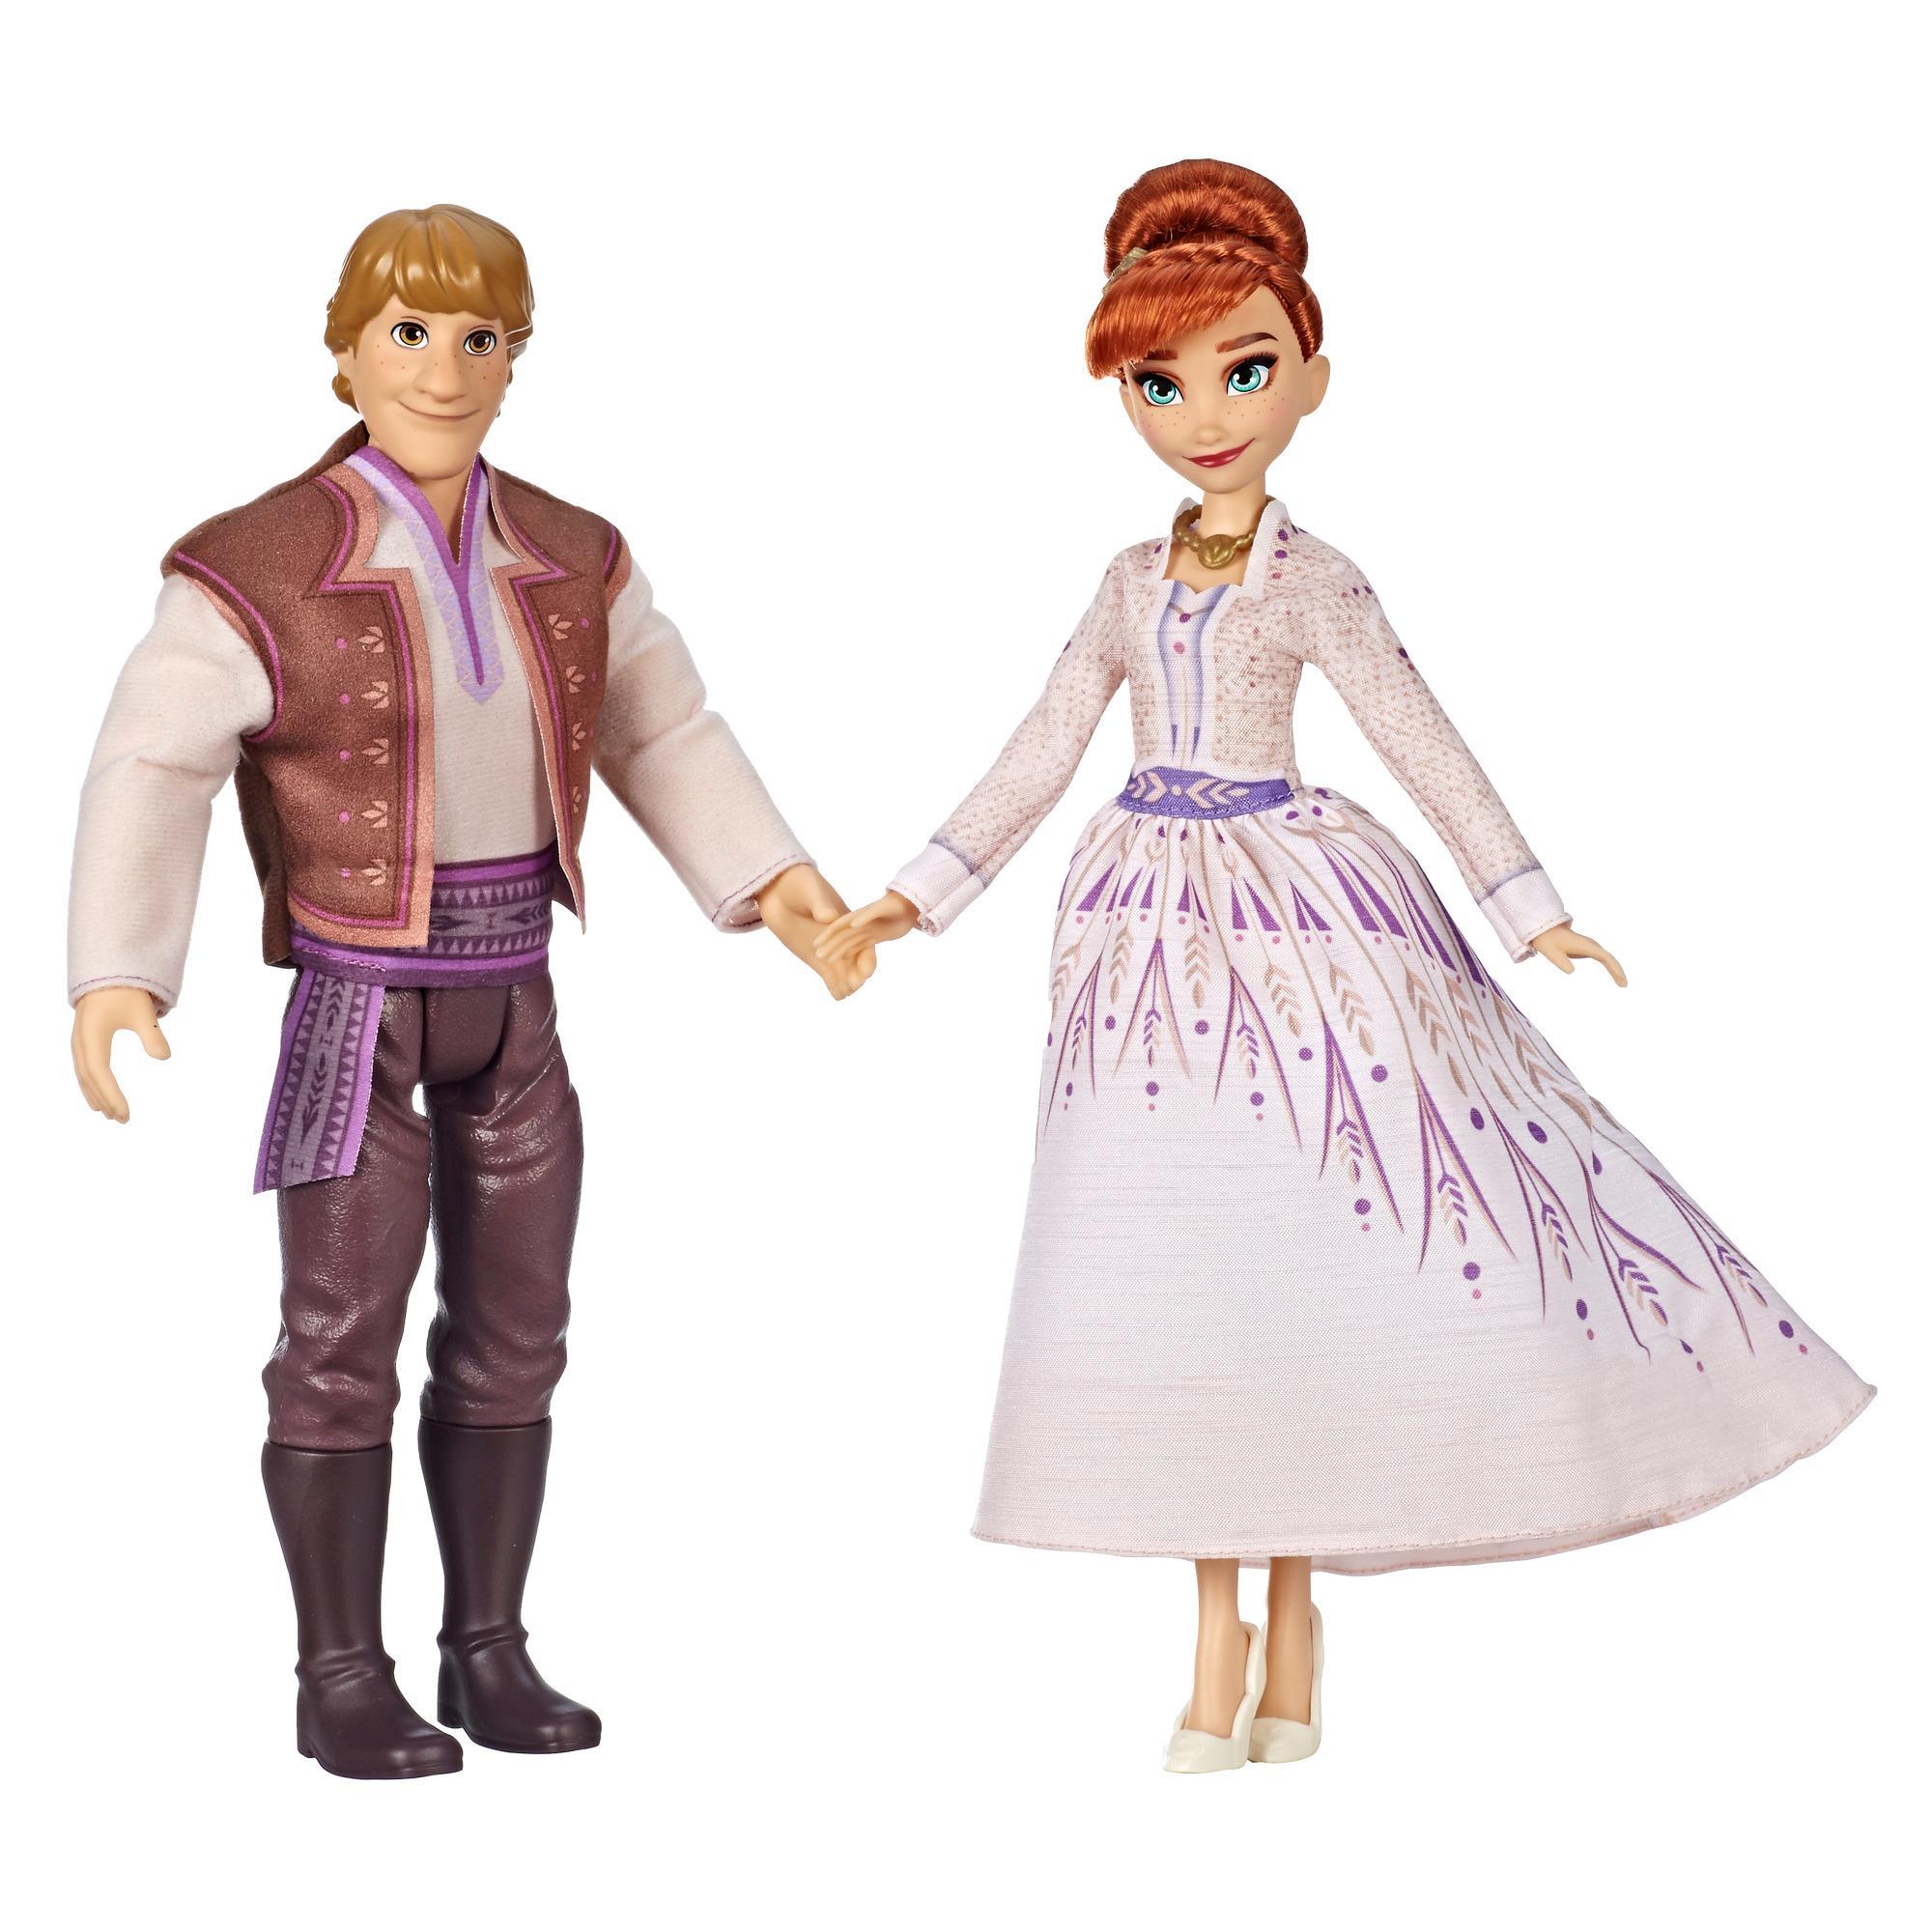 Disney Die Eiskönigin Anna und Kristoff Modepuppen 2er-Pack, Outfits aus dem Film Die Eiskönigin 2